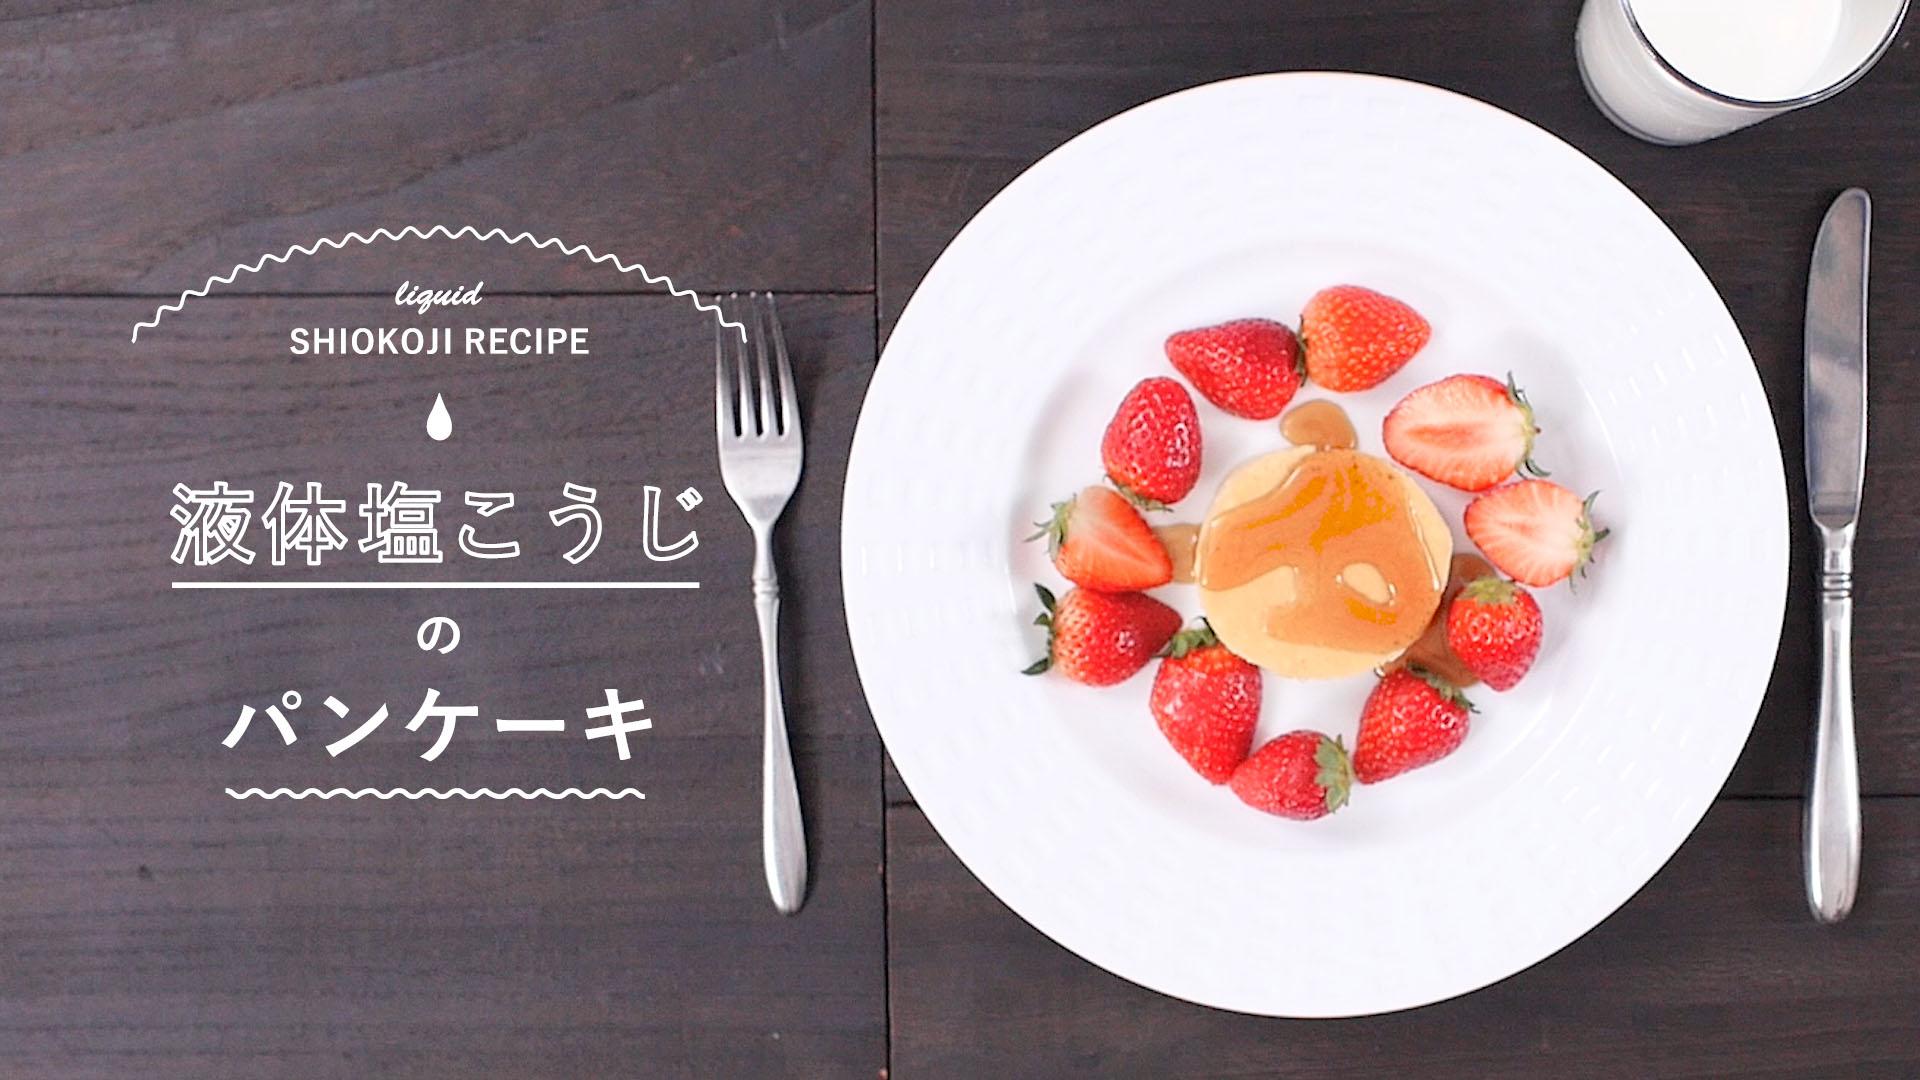 【液体塩こうじレシピ】パンケーキ 加えるだけでふんわりとした仕上がりに!